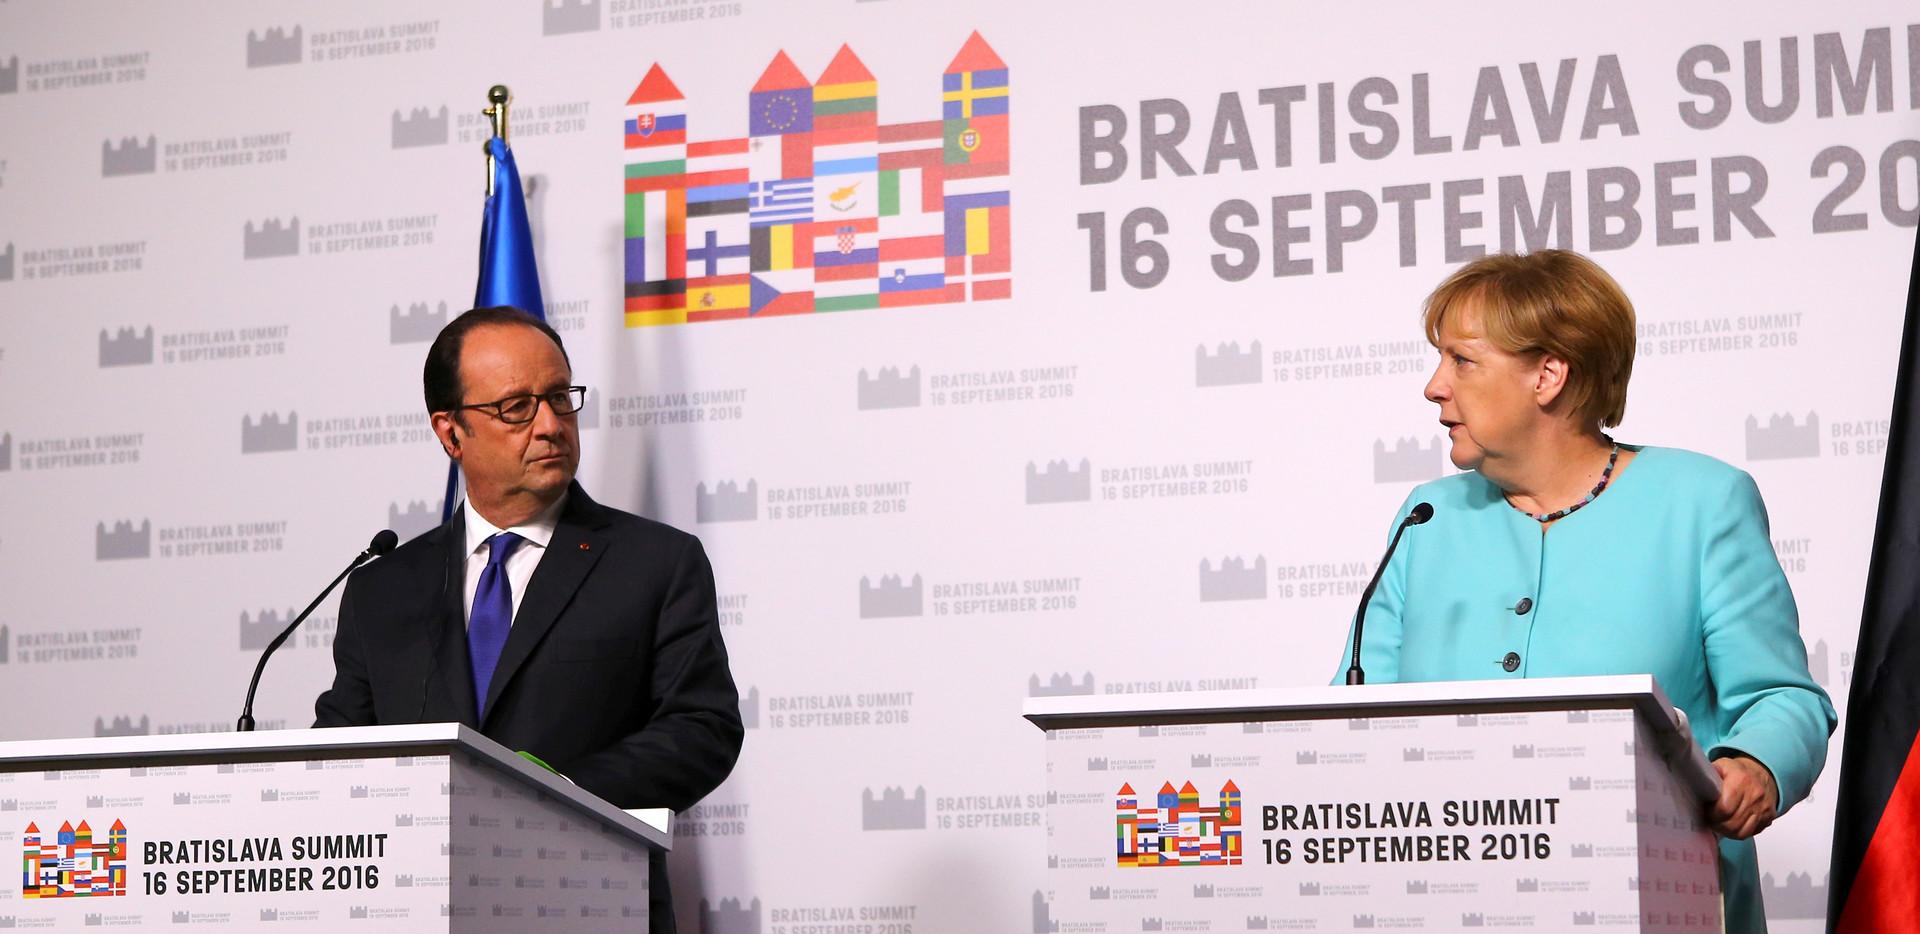 Renzi sur le sommet de l'UE : «Si les choses continuent ainsi nous parlerons du fantôme de l'Europe»